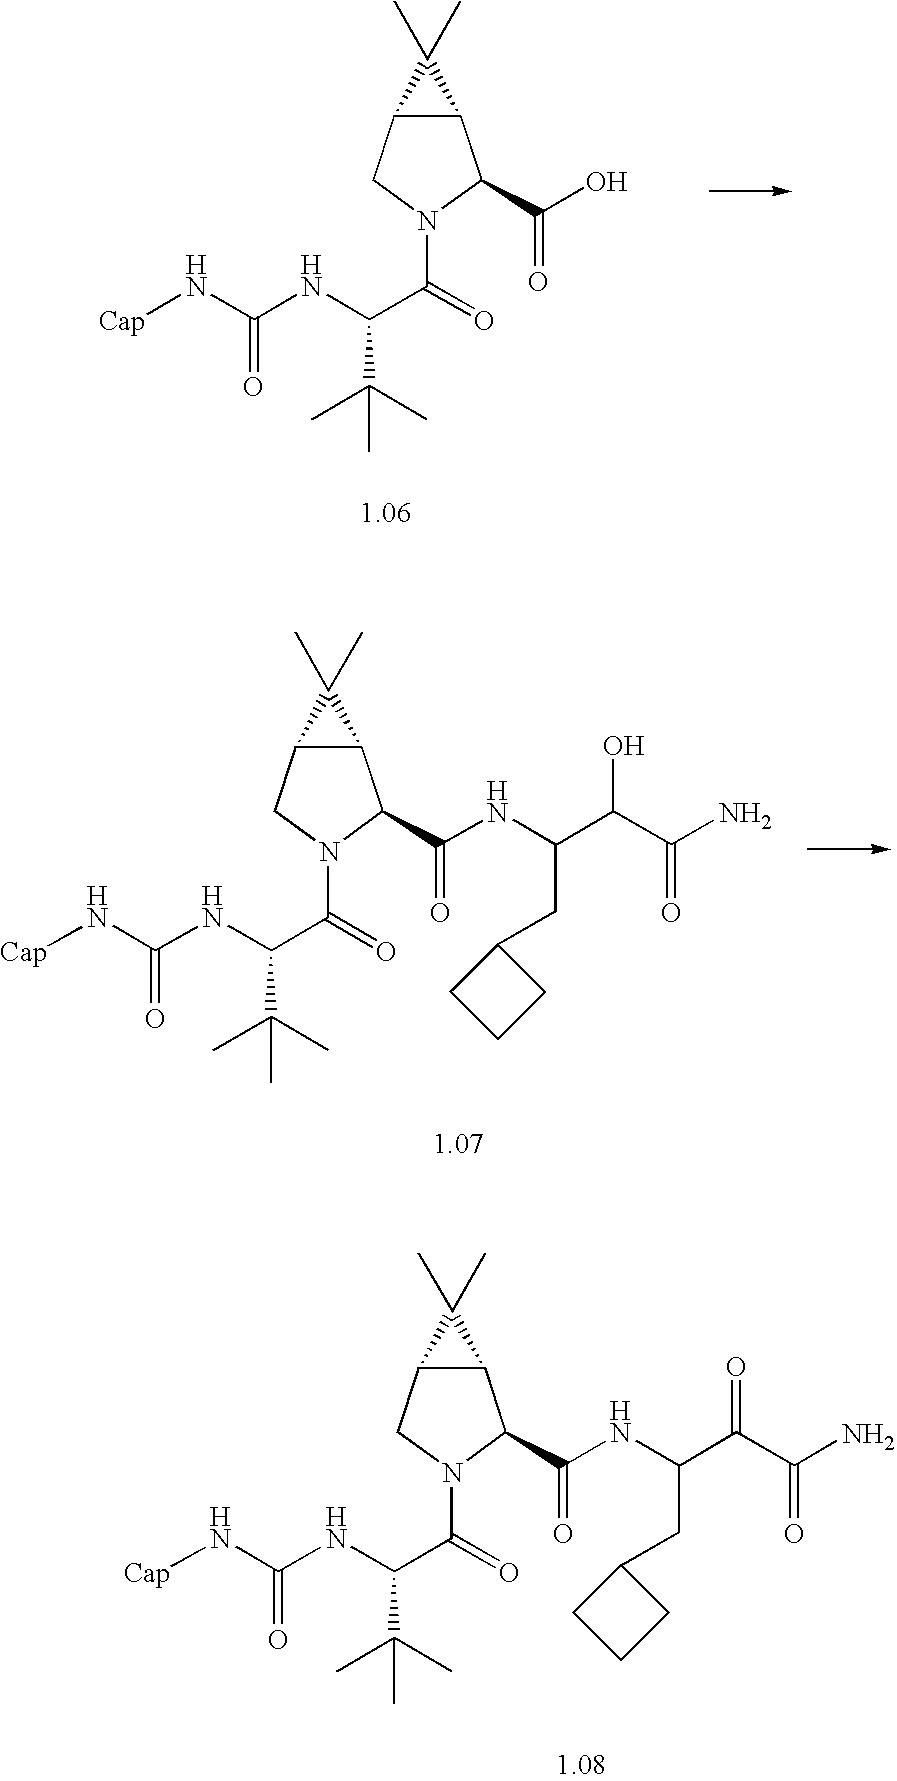 Figure US20060287248A1-20061221-C00581